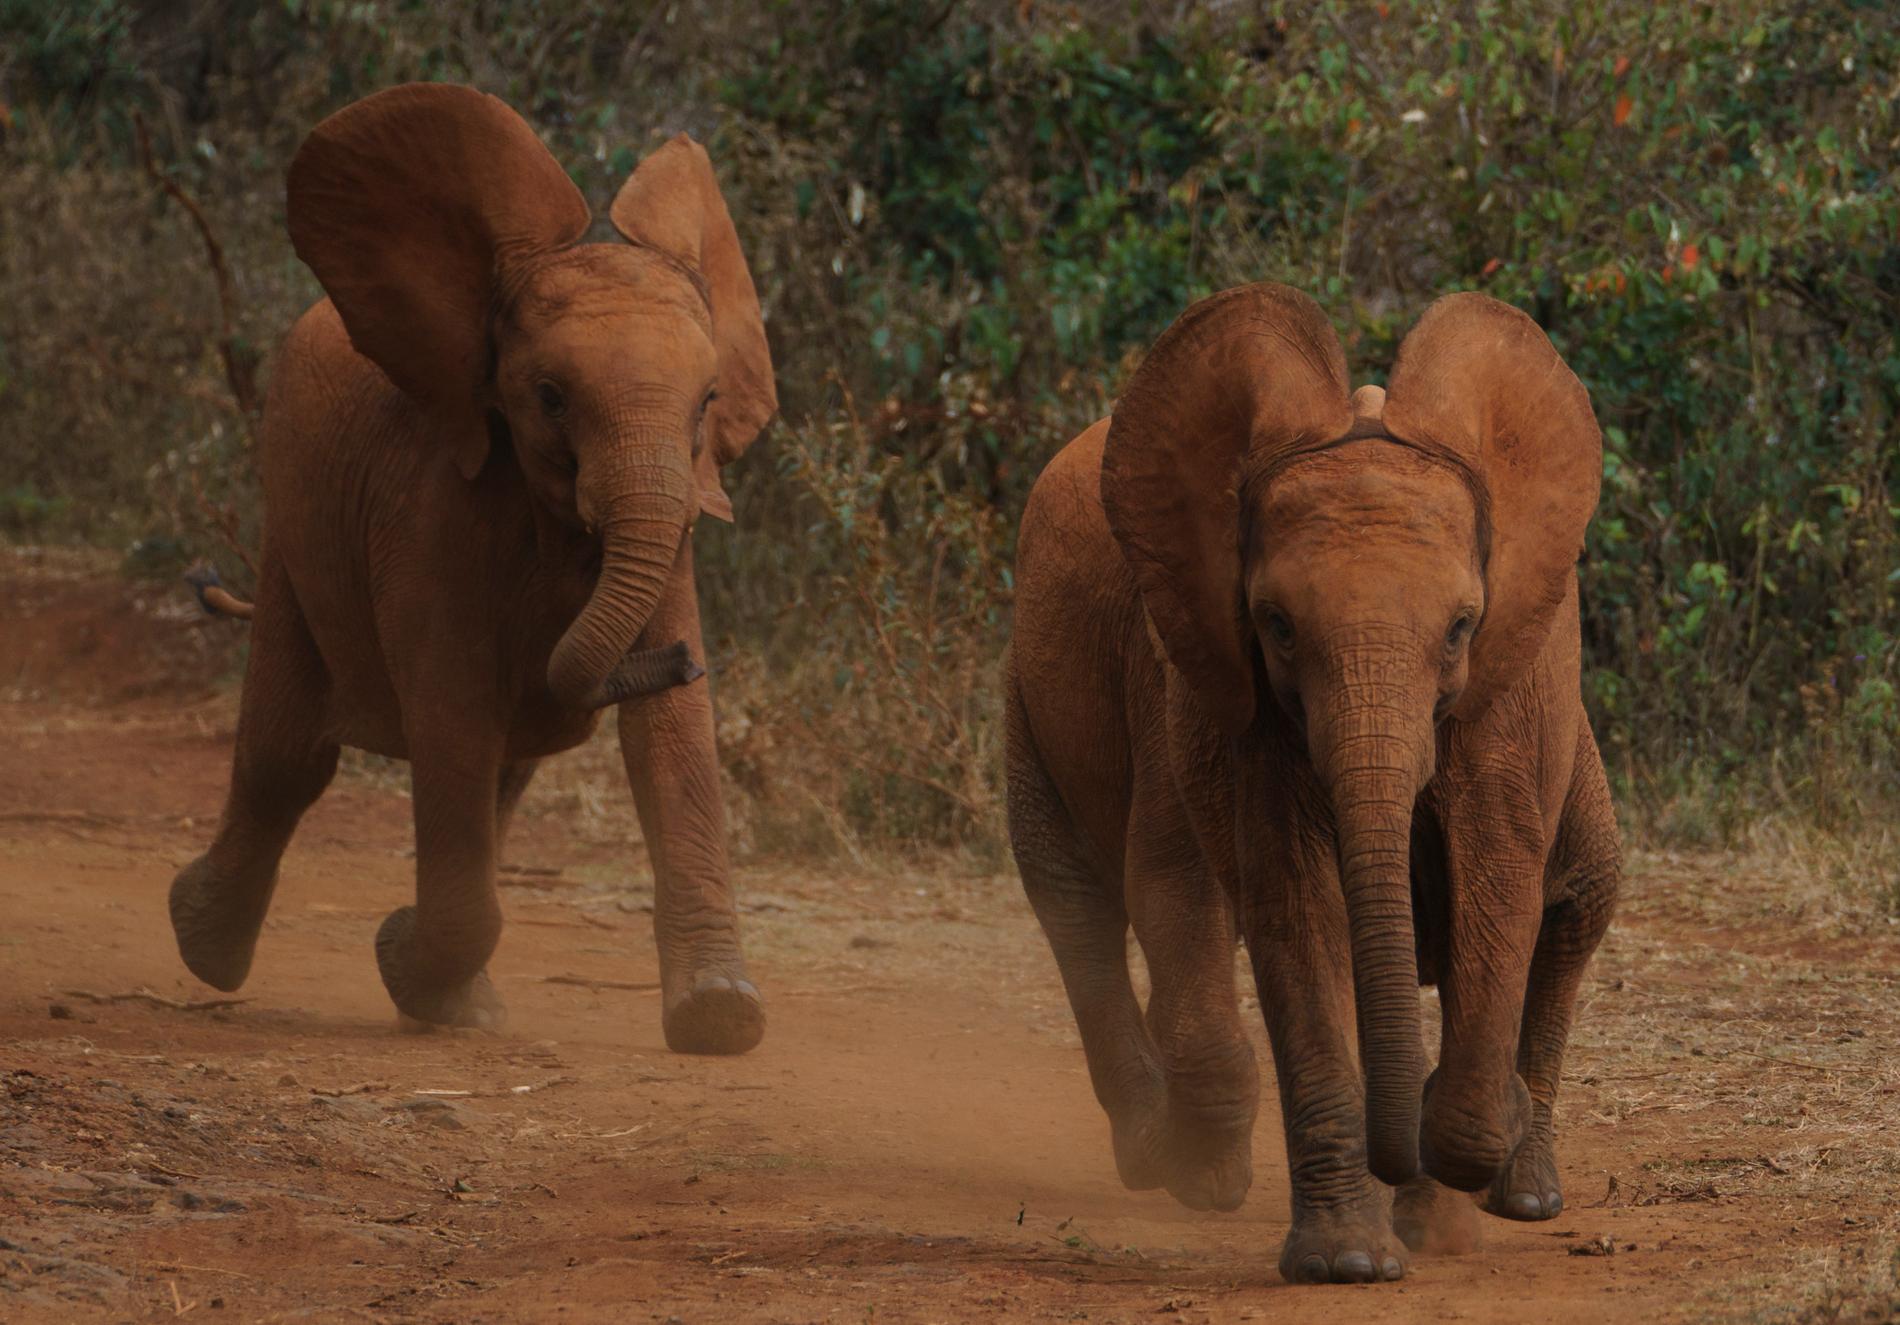 Kenyas elefantbestånd ökar, visar en ny mantalsskrivning för djur. Arkivbild.